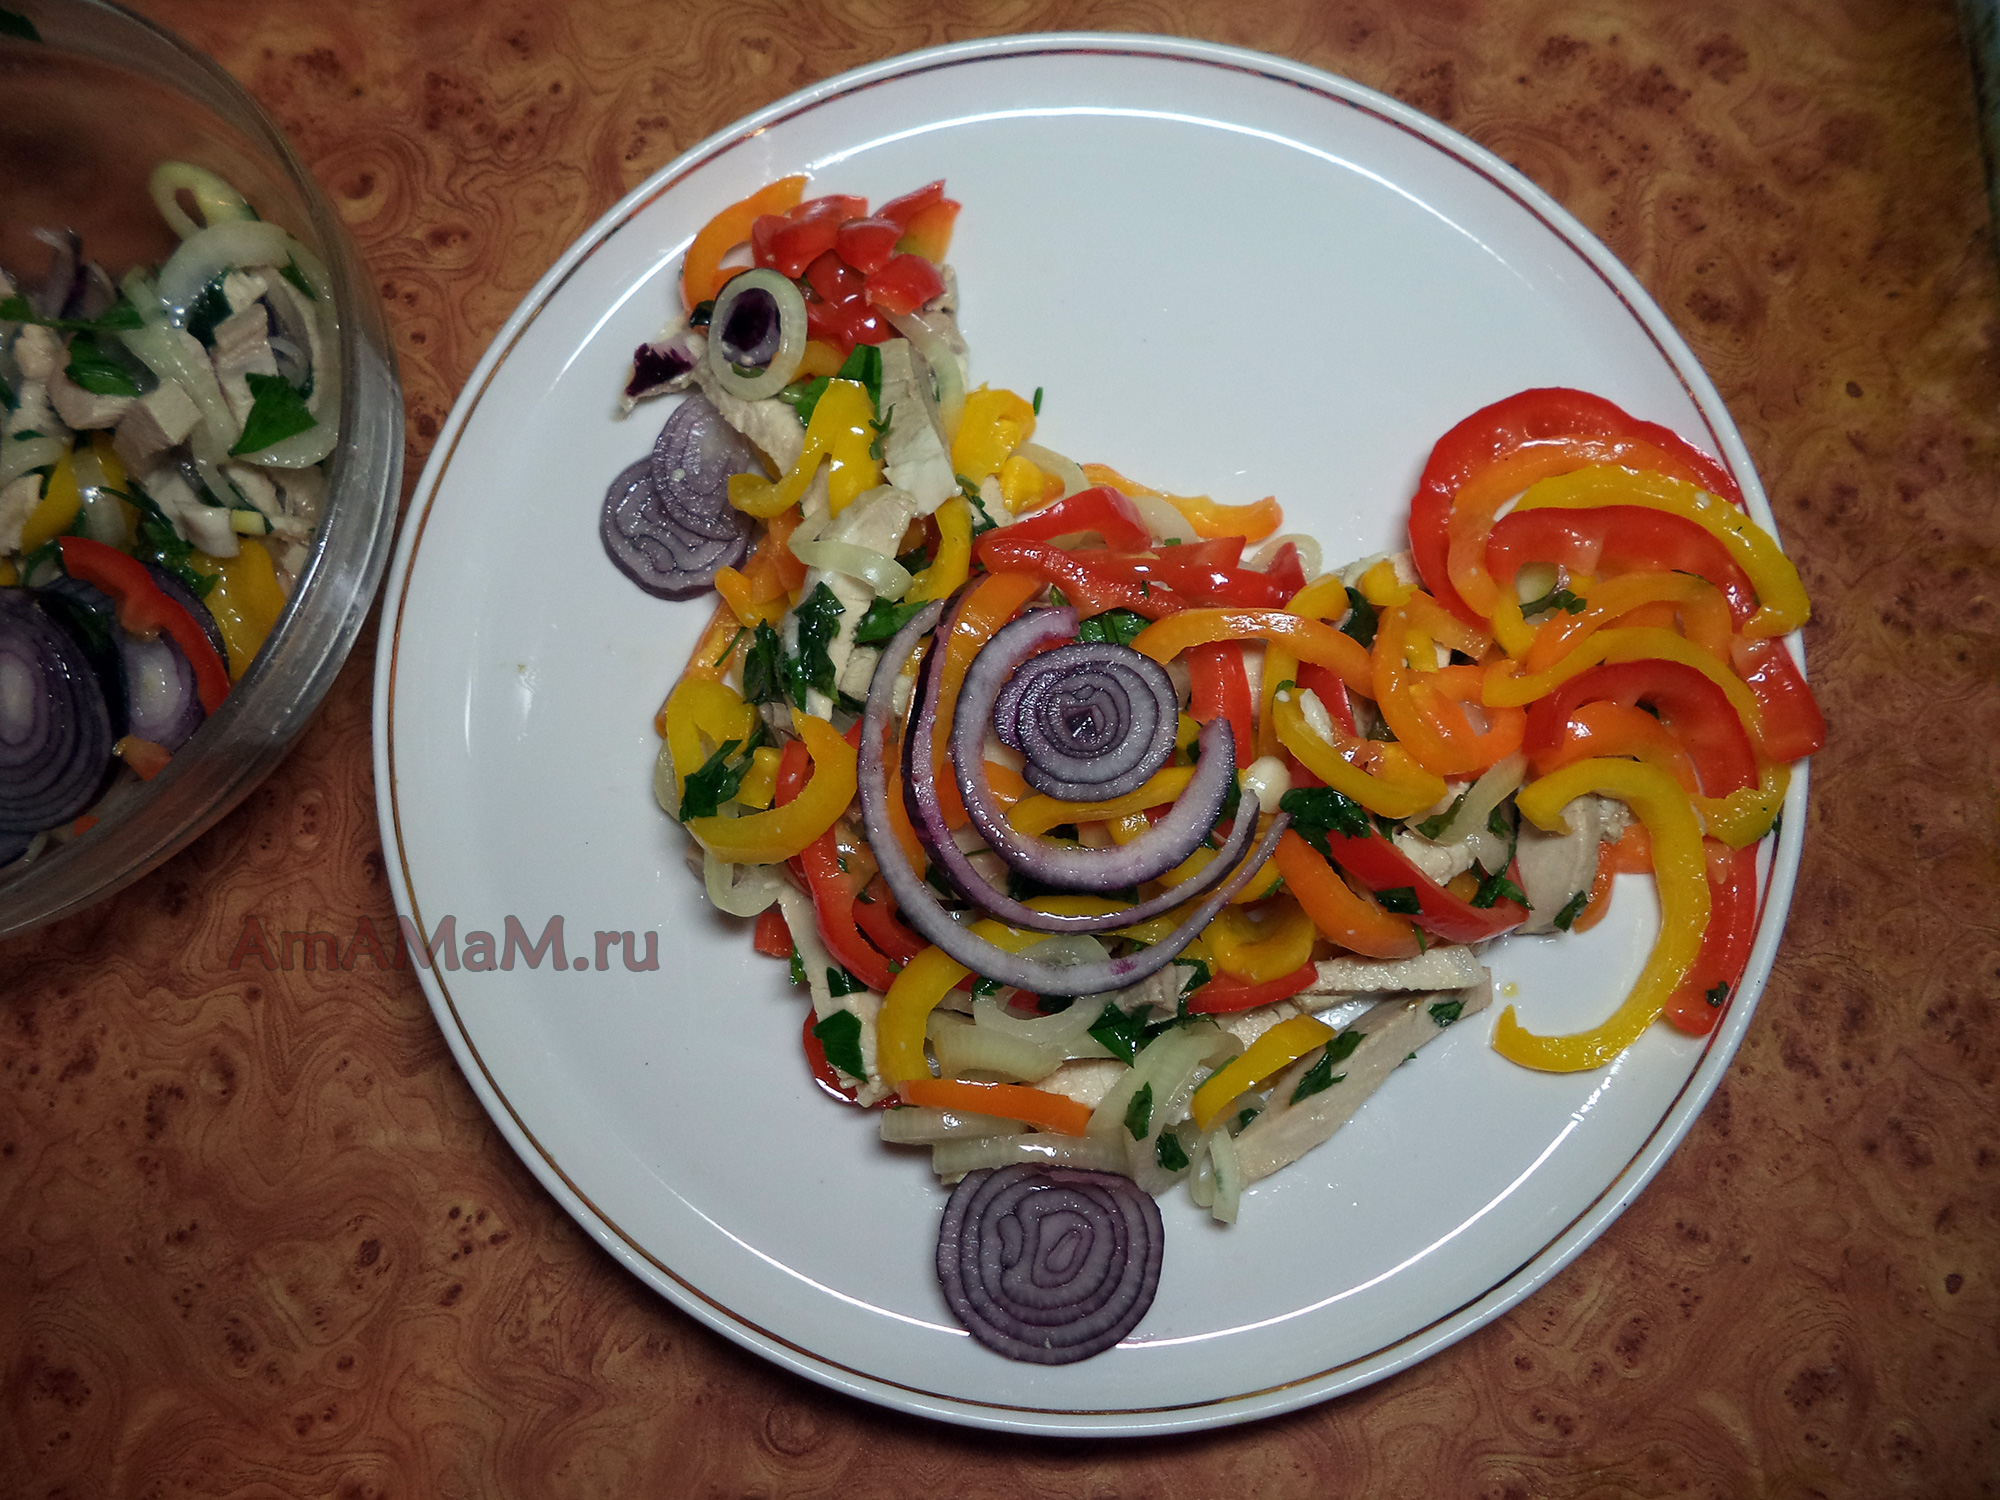 Красная фасоль суп рецепты приготовления с фото